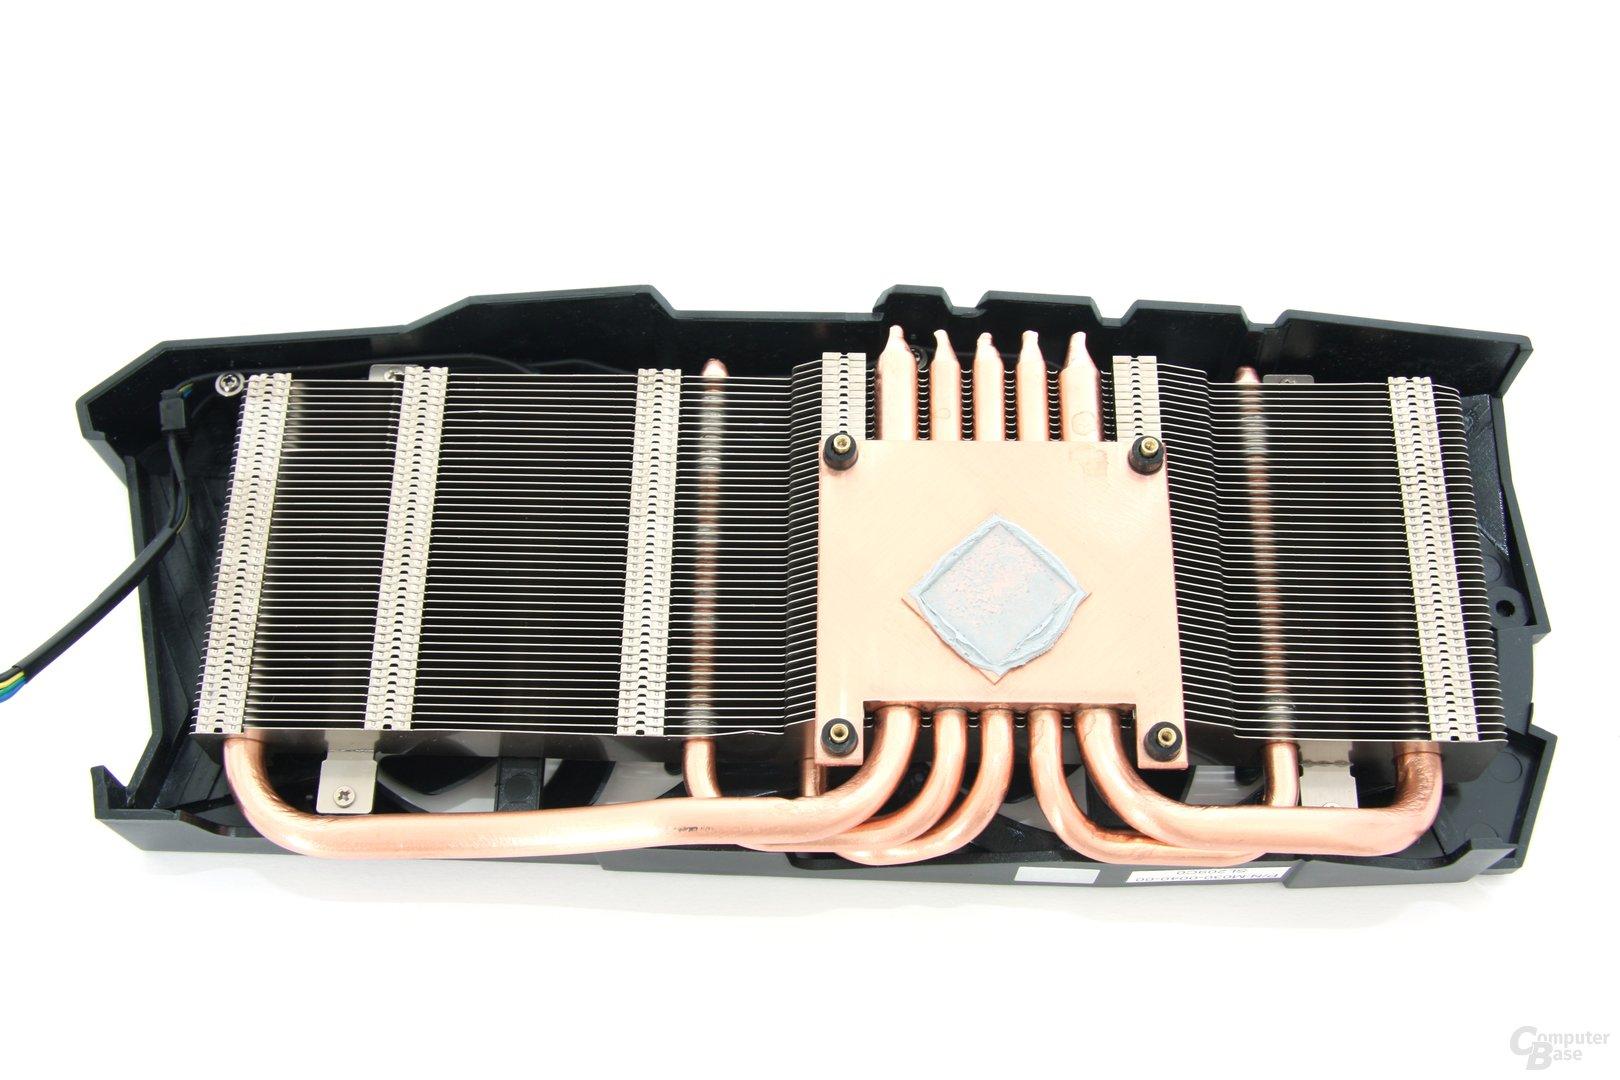 Radeon HD 7970 OC Kühlerrückseite